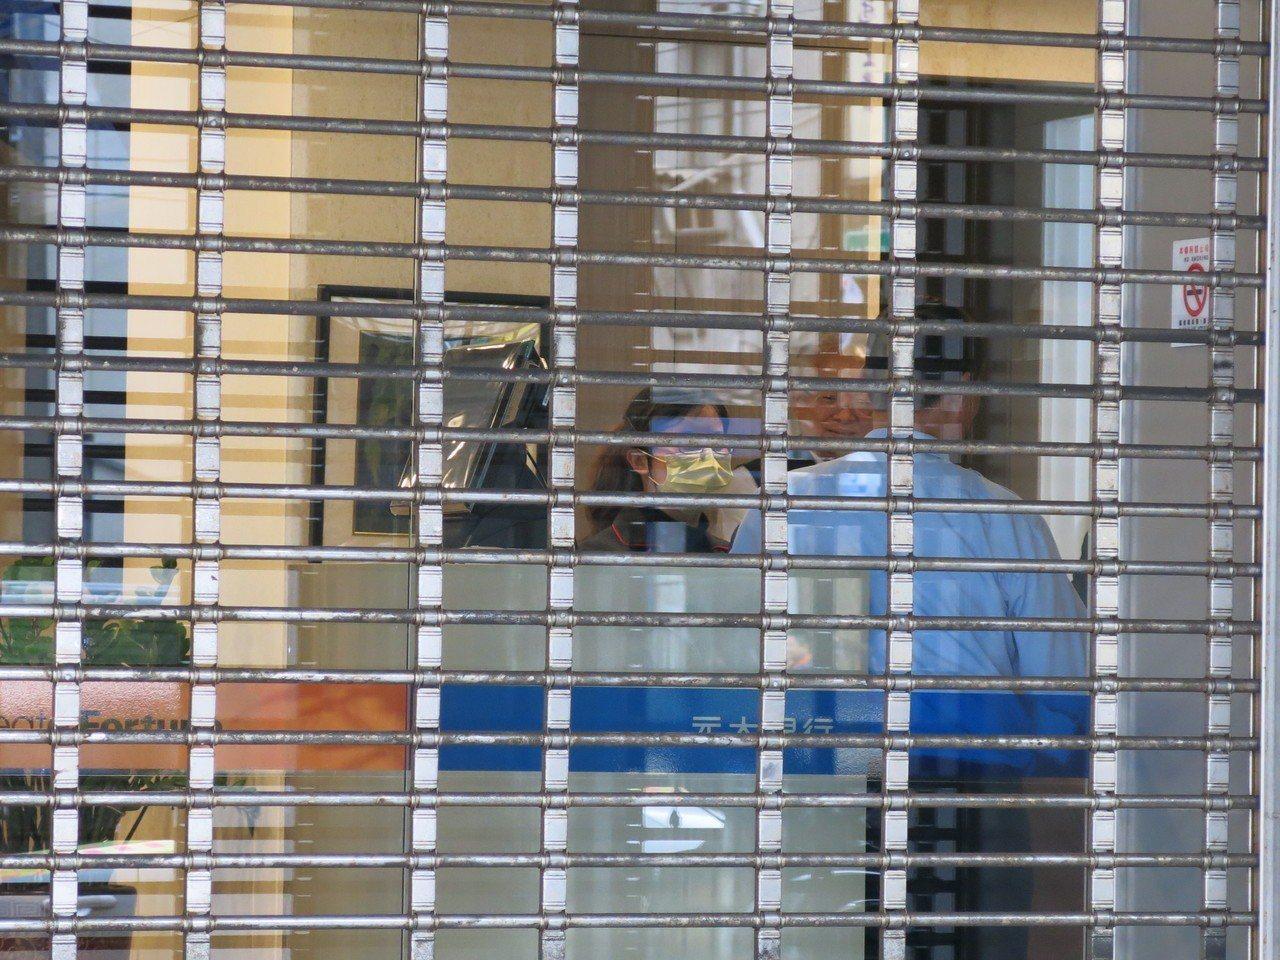 元大銀行沙鹿分行昨天發生搶案,騎腳踏車的蔡姓搶匪獨力搶走廿萬現金離去。記者黑中亮...